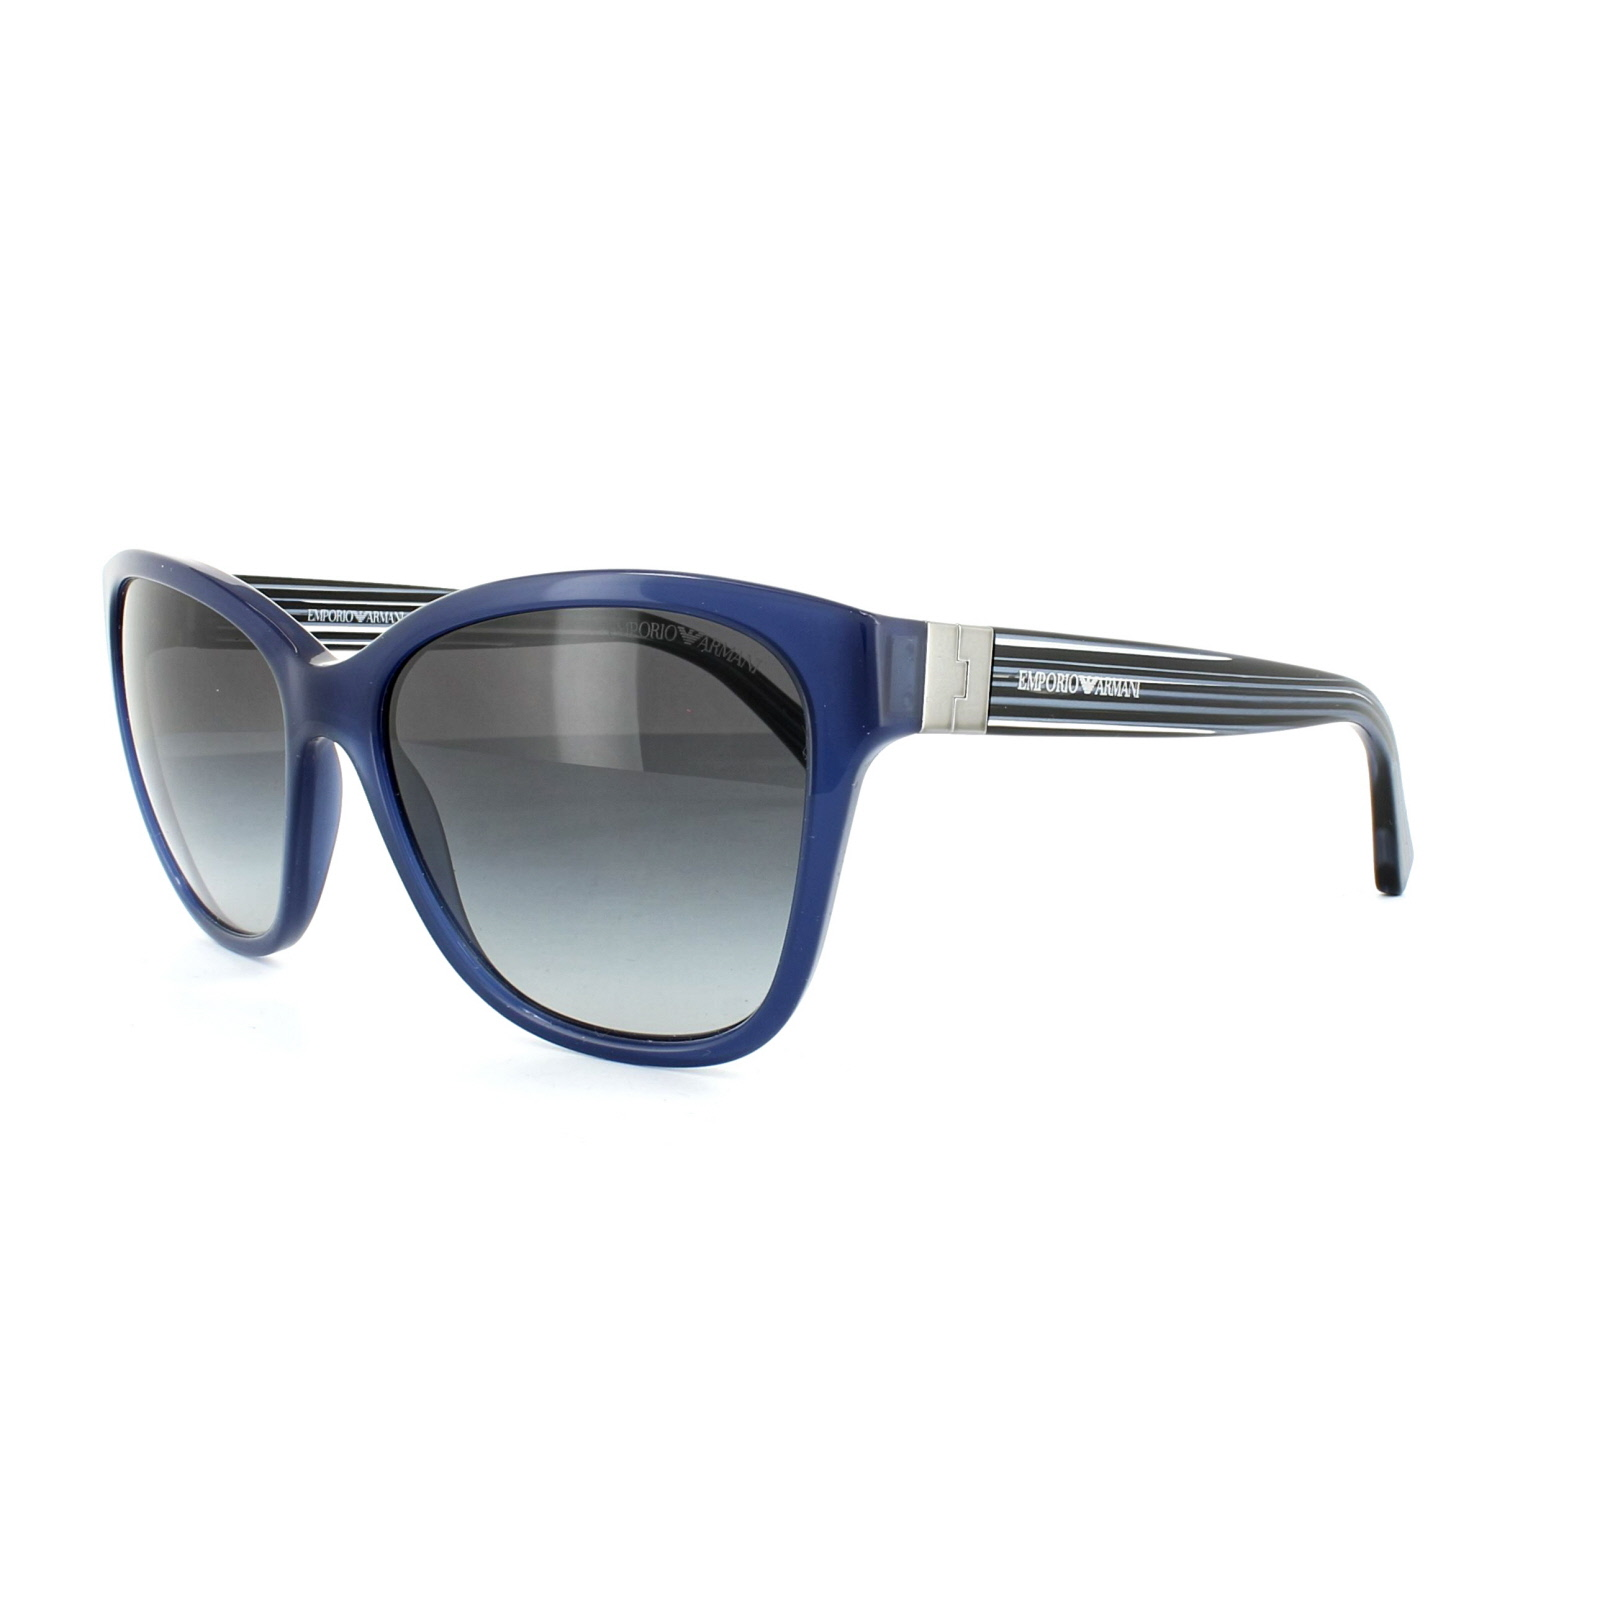 Cheap Emporio Armani 4068 Sunglasses Discounted Sunglasses